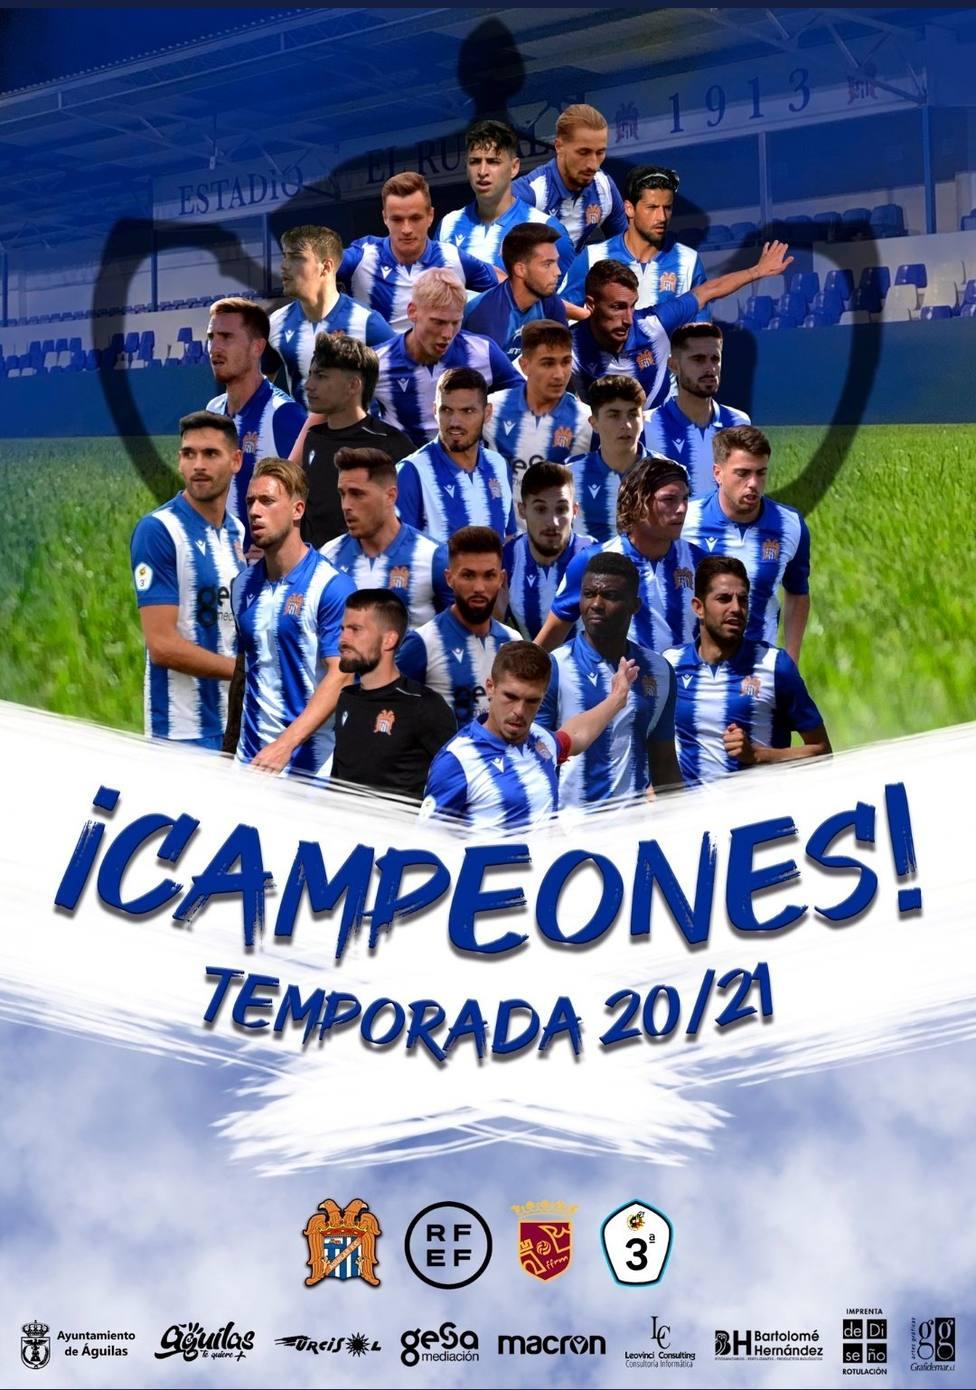 El Águilas FC es equipo de Segunda RFEF